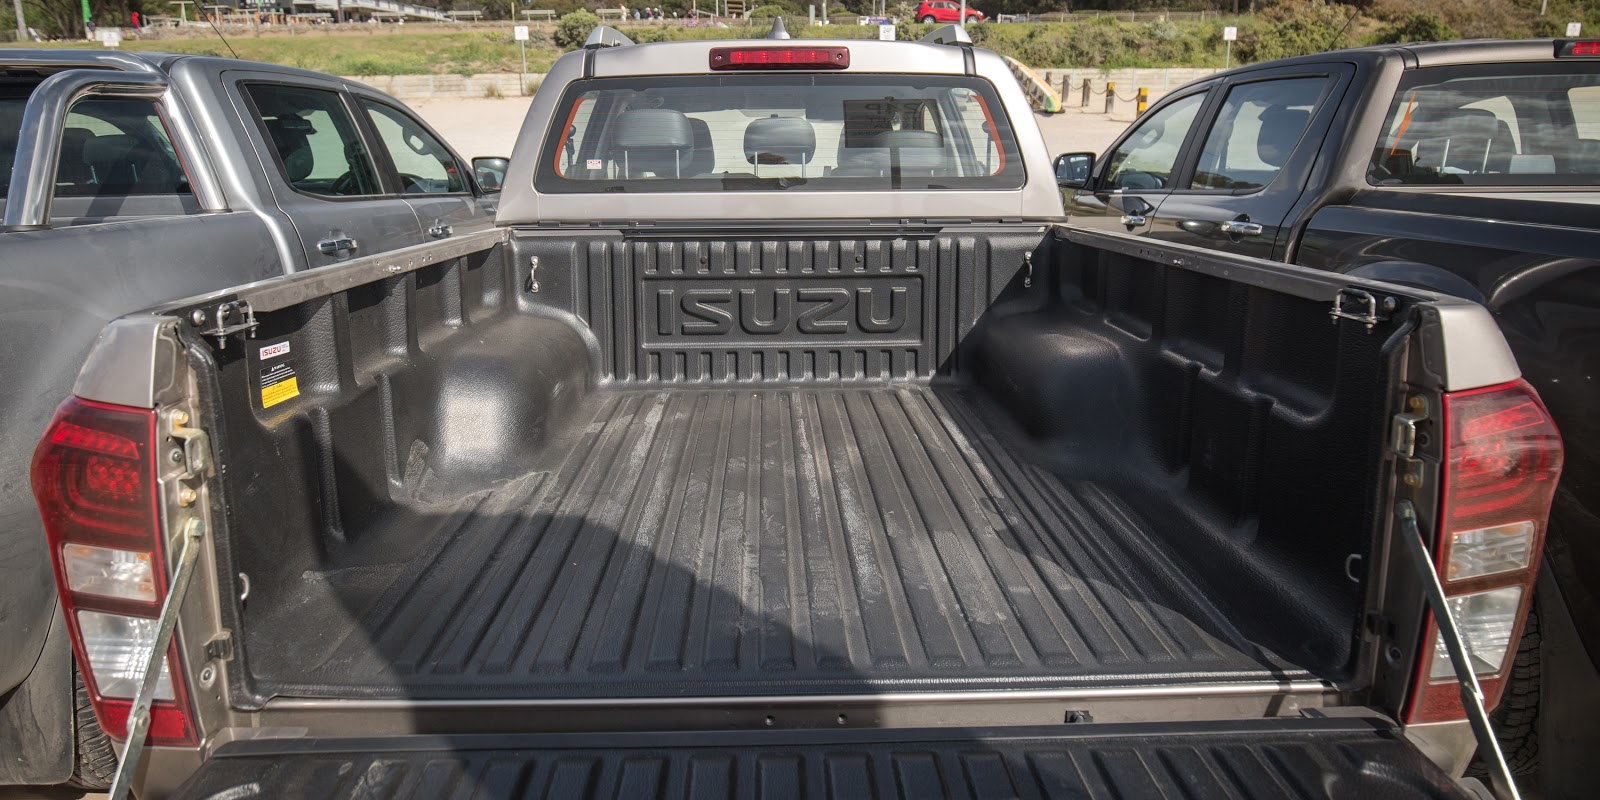 Thùng xe được làm bằng vật liệu bền bỉ và chống xước